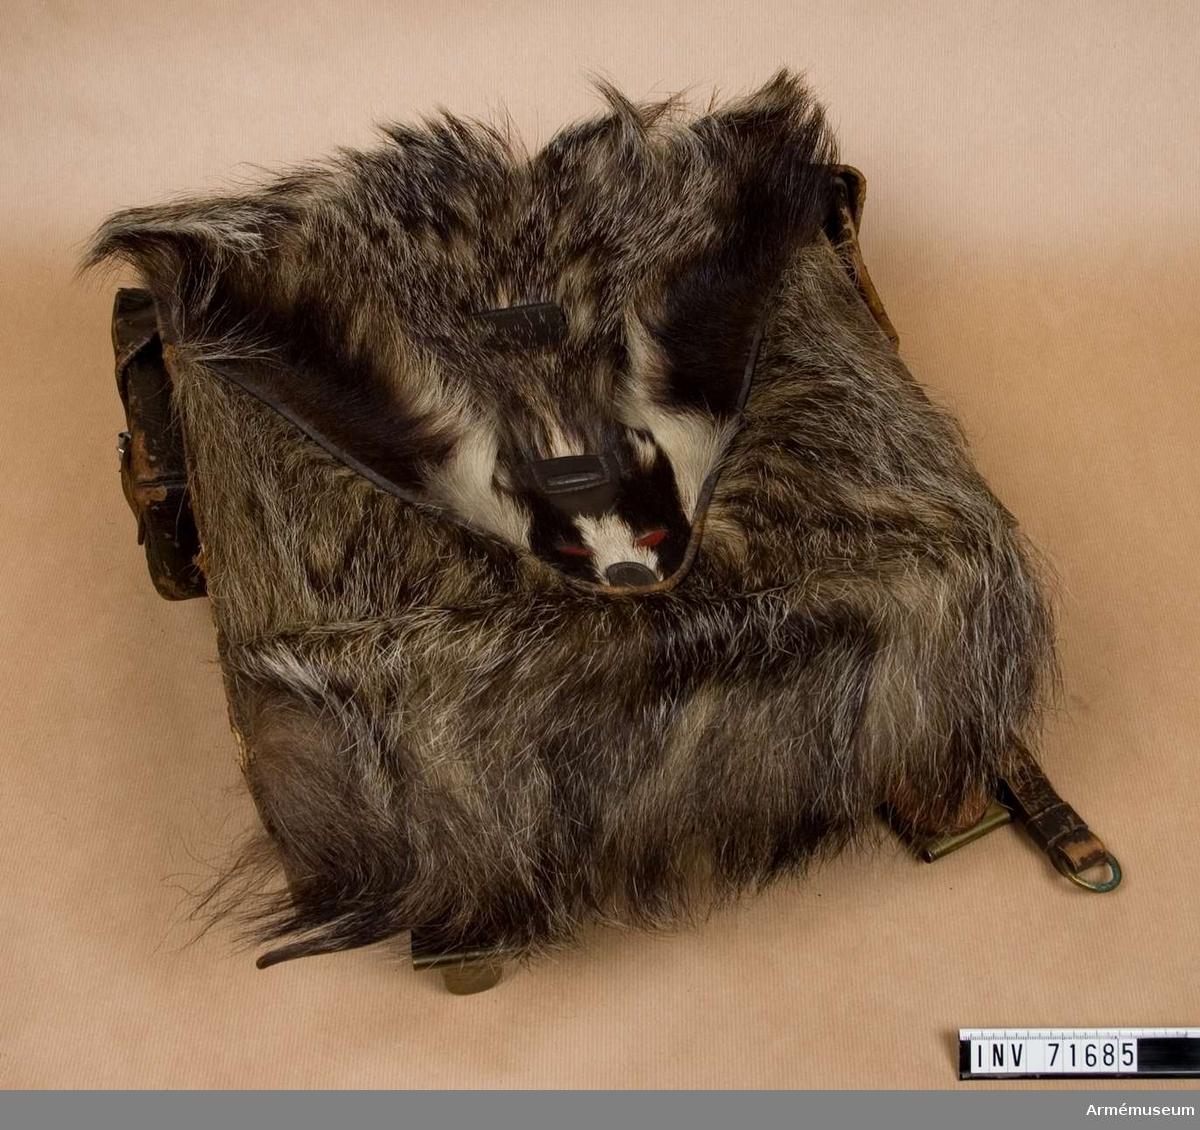 Grupp  C II.  Land Tyskland. Mått 37x35x13 cm. Regemente Jägare. Locket klätt med vildsvin eller annat långhårigt grått skinn. Locket är dekorativ gjort med en närmast grävlingsliknande nos och röda ögon.